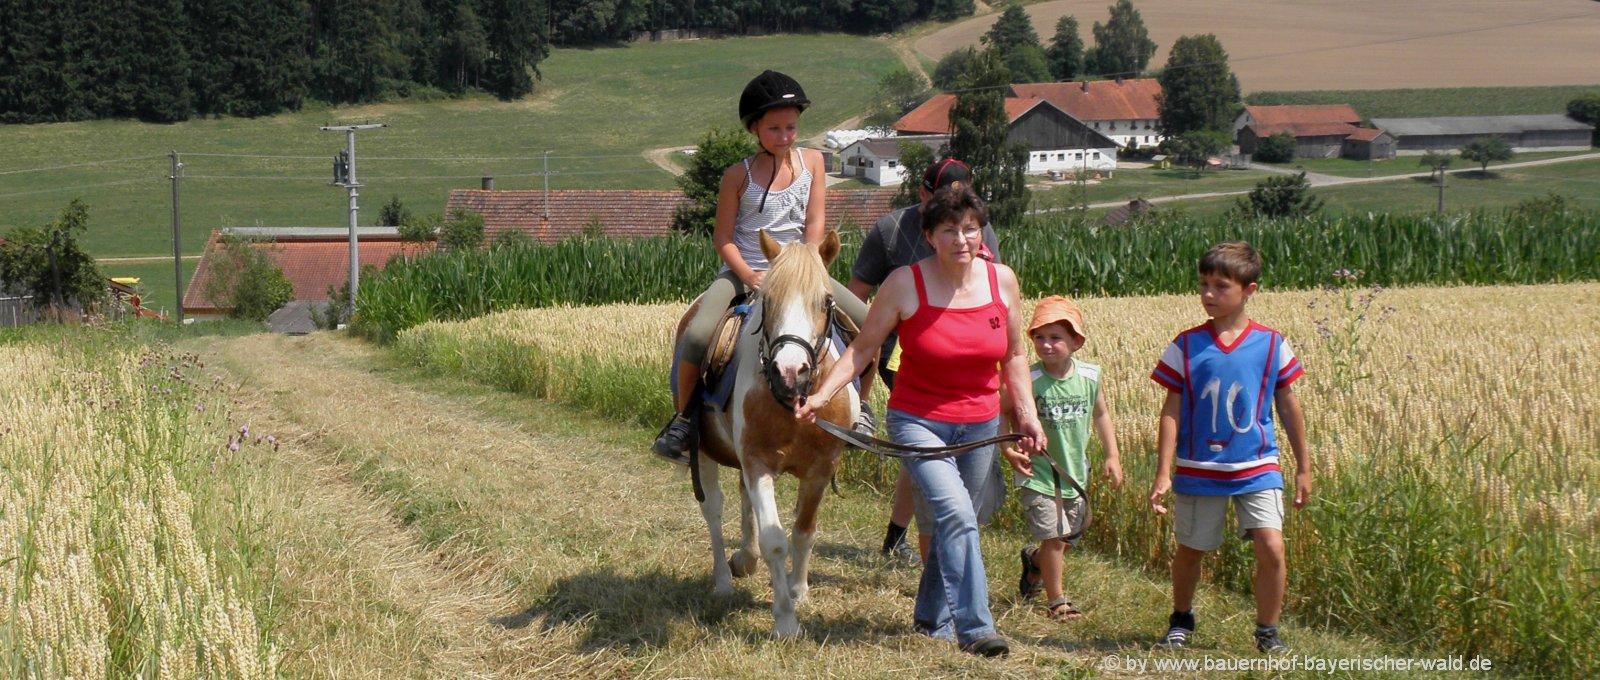 Bayerischer Wald Reiterferien in Bayern Ponyreiten am Bauernhof